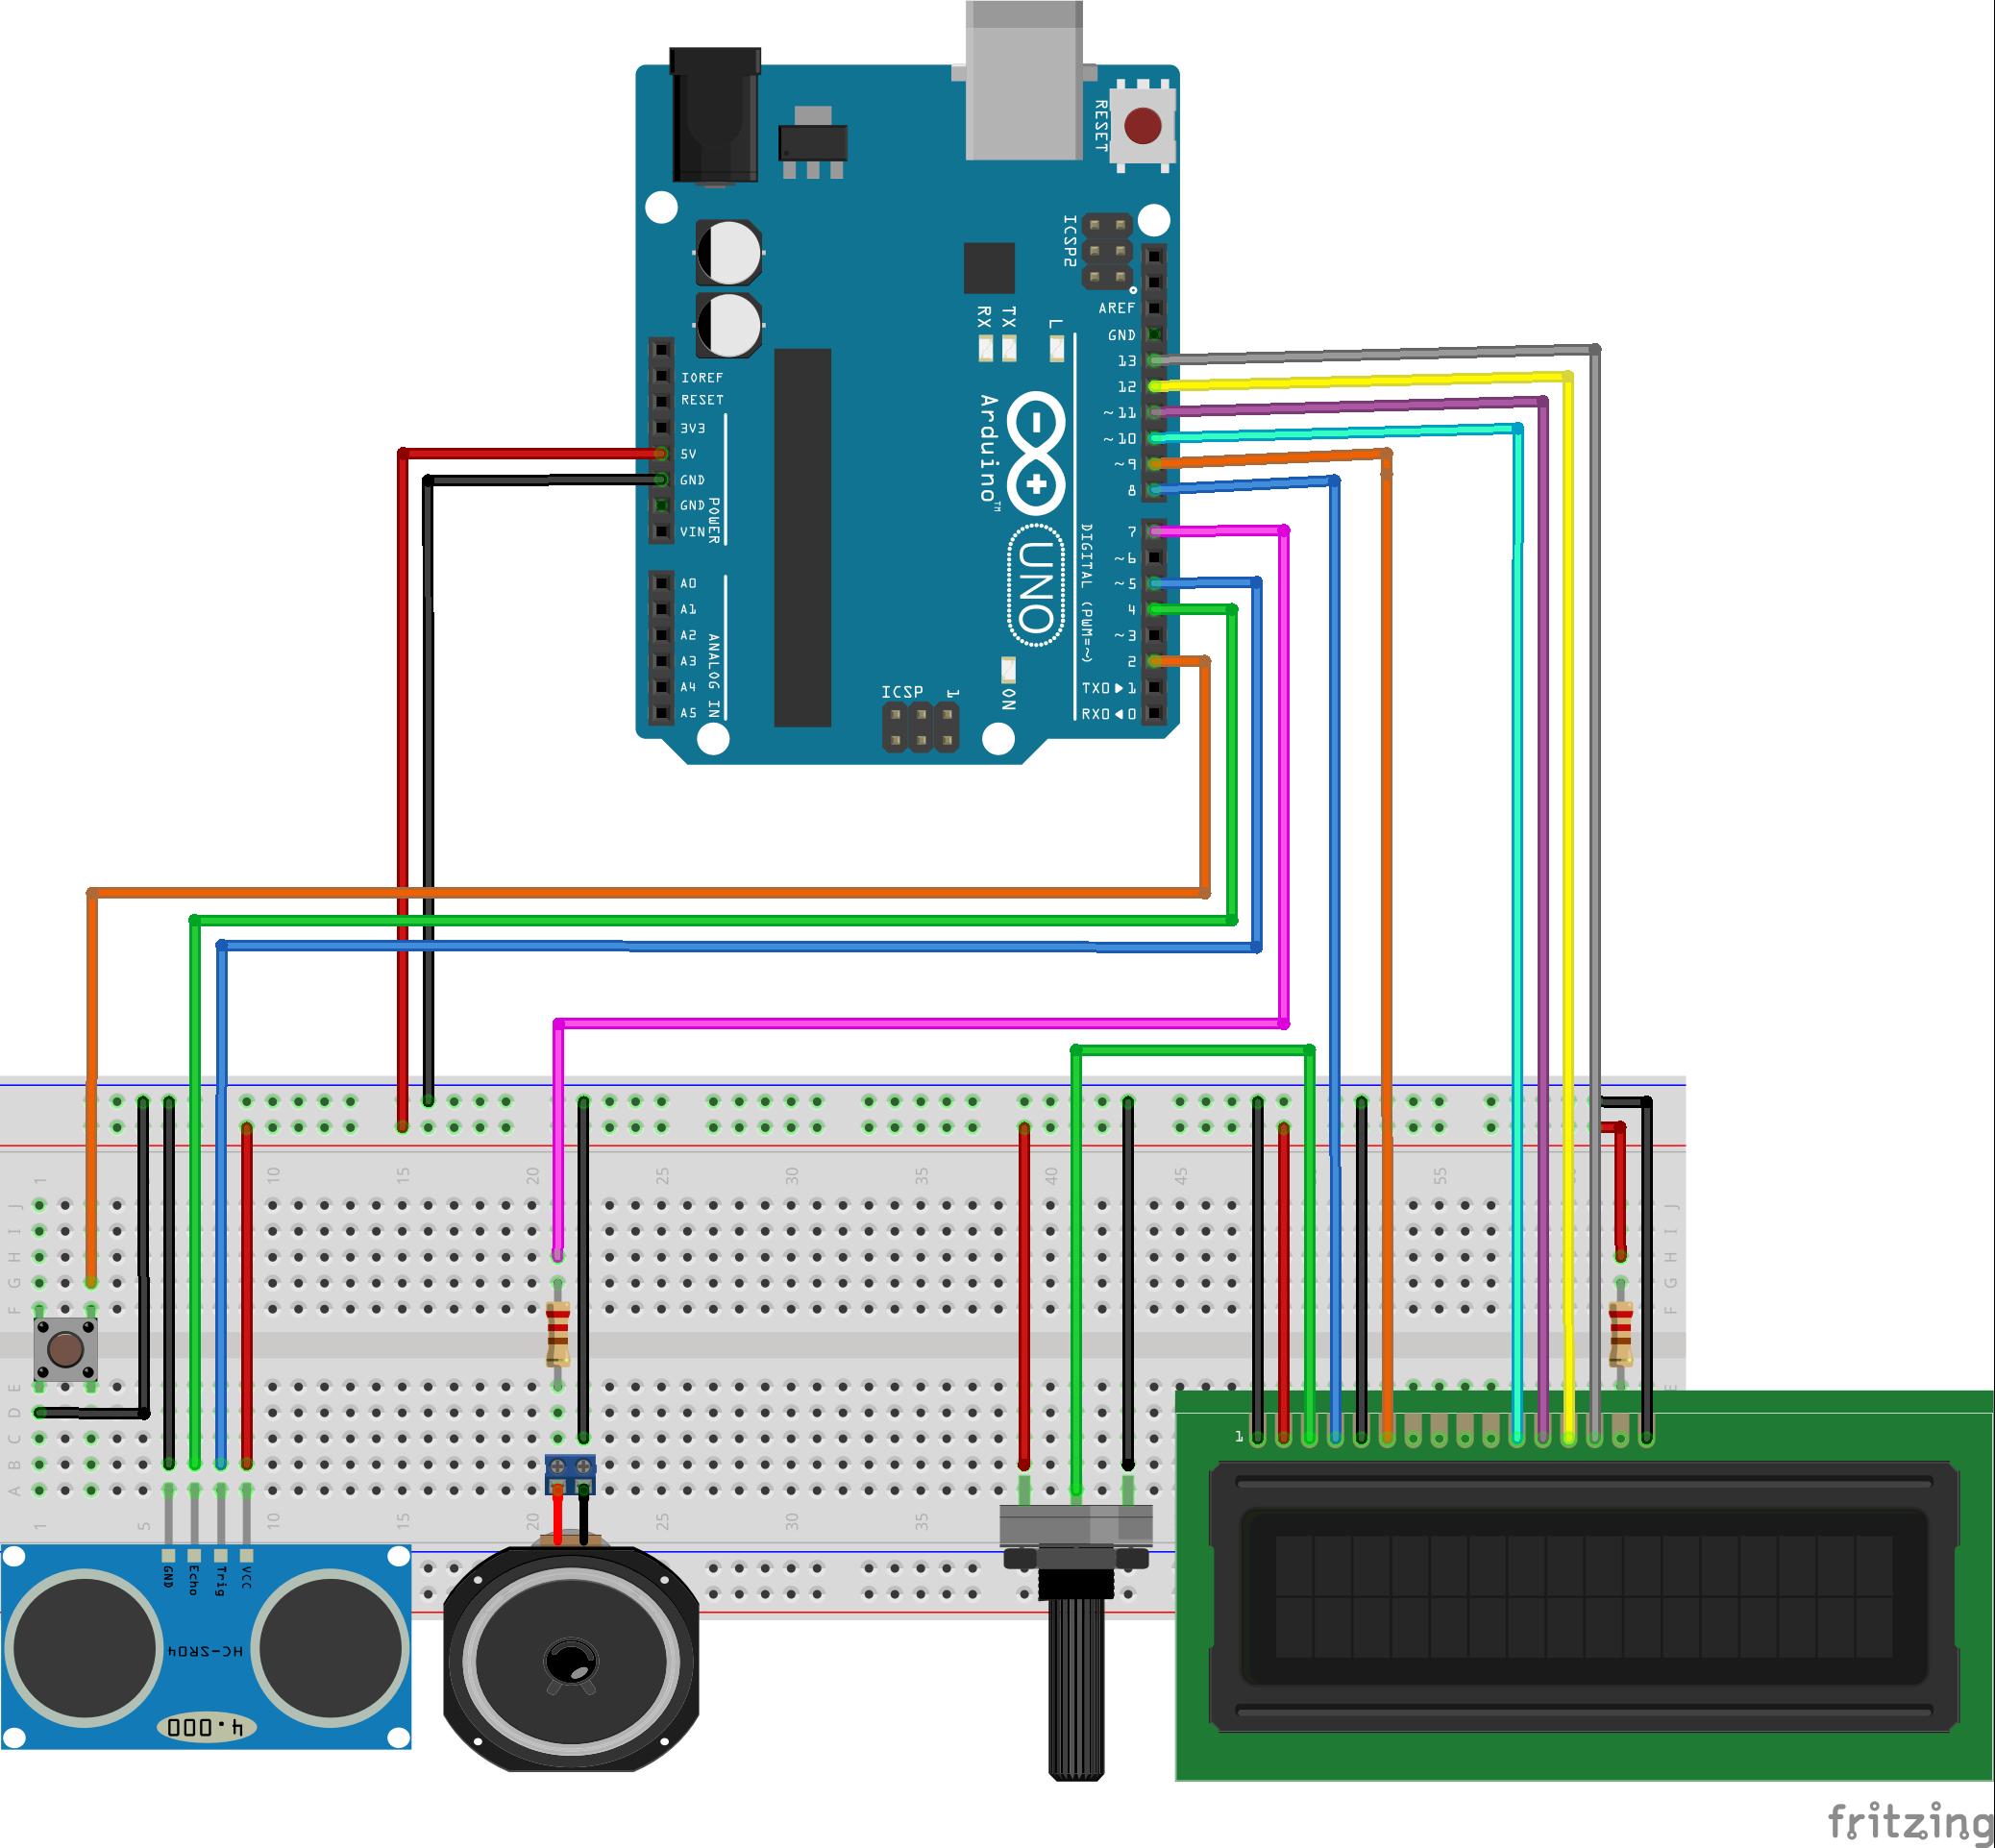 Door Alarm With Display The Schematic Of Circuit Dooralarm Bb 24dyy9blme